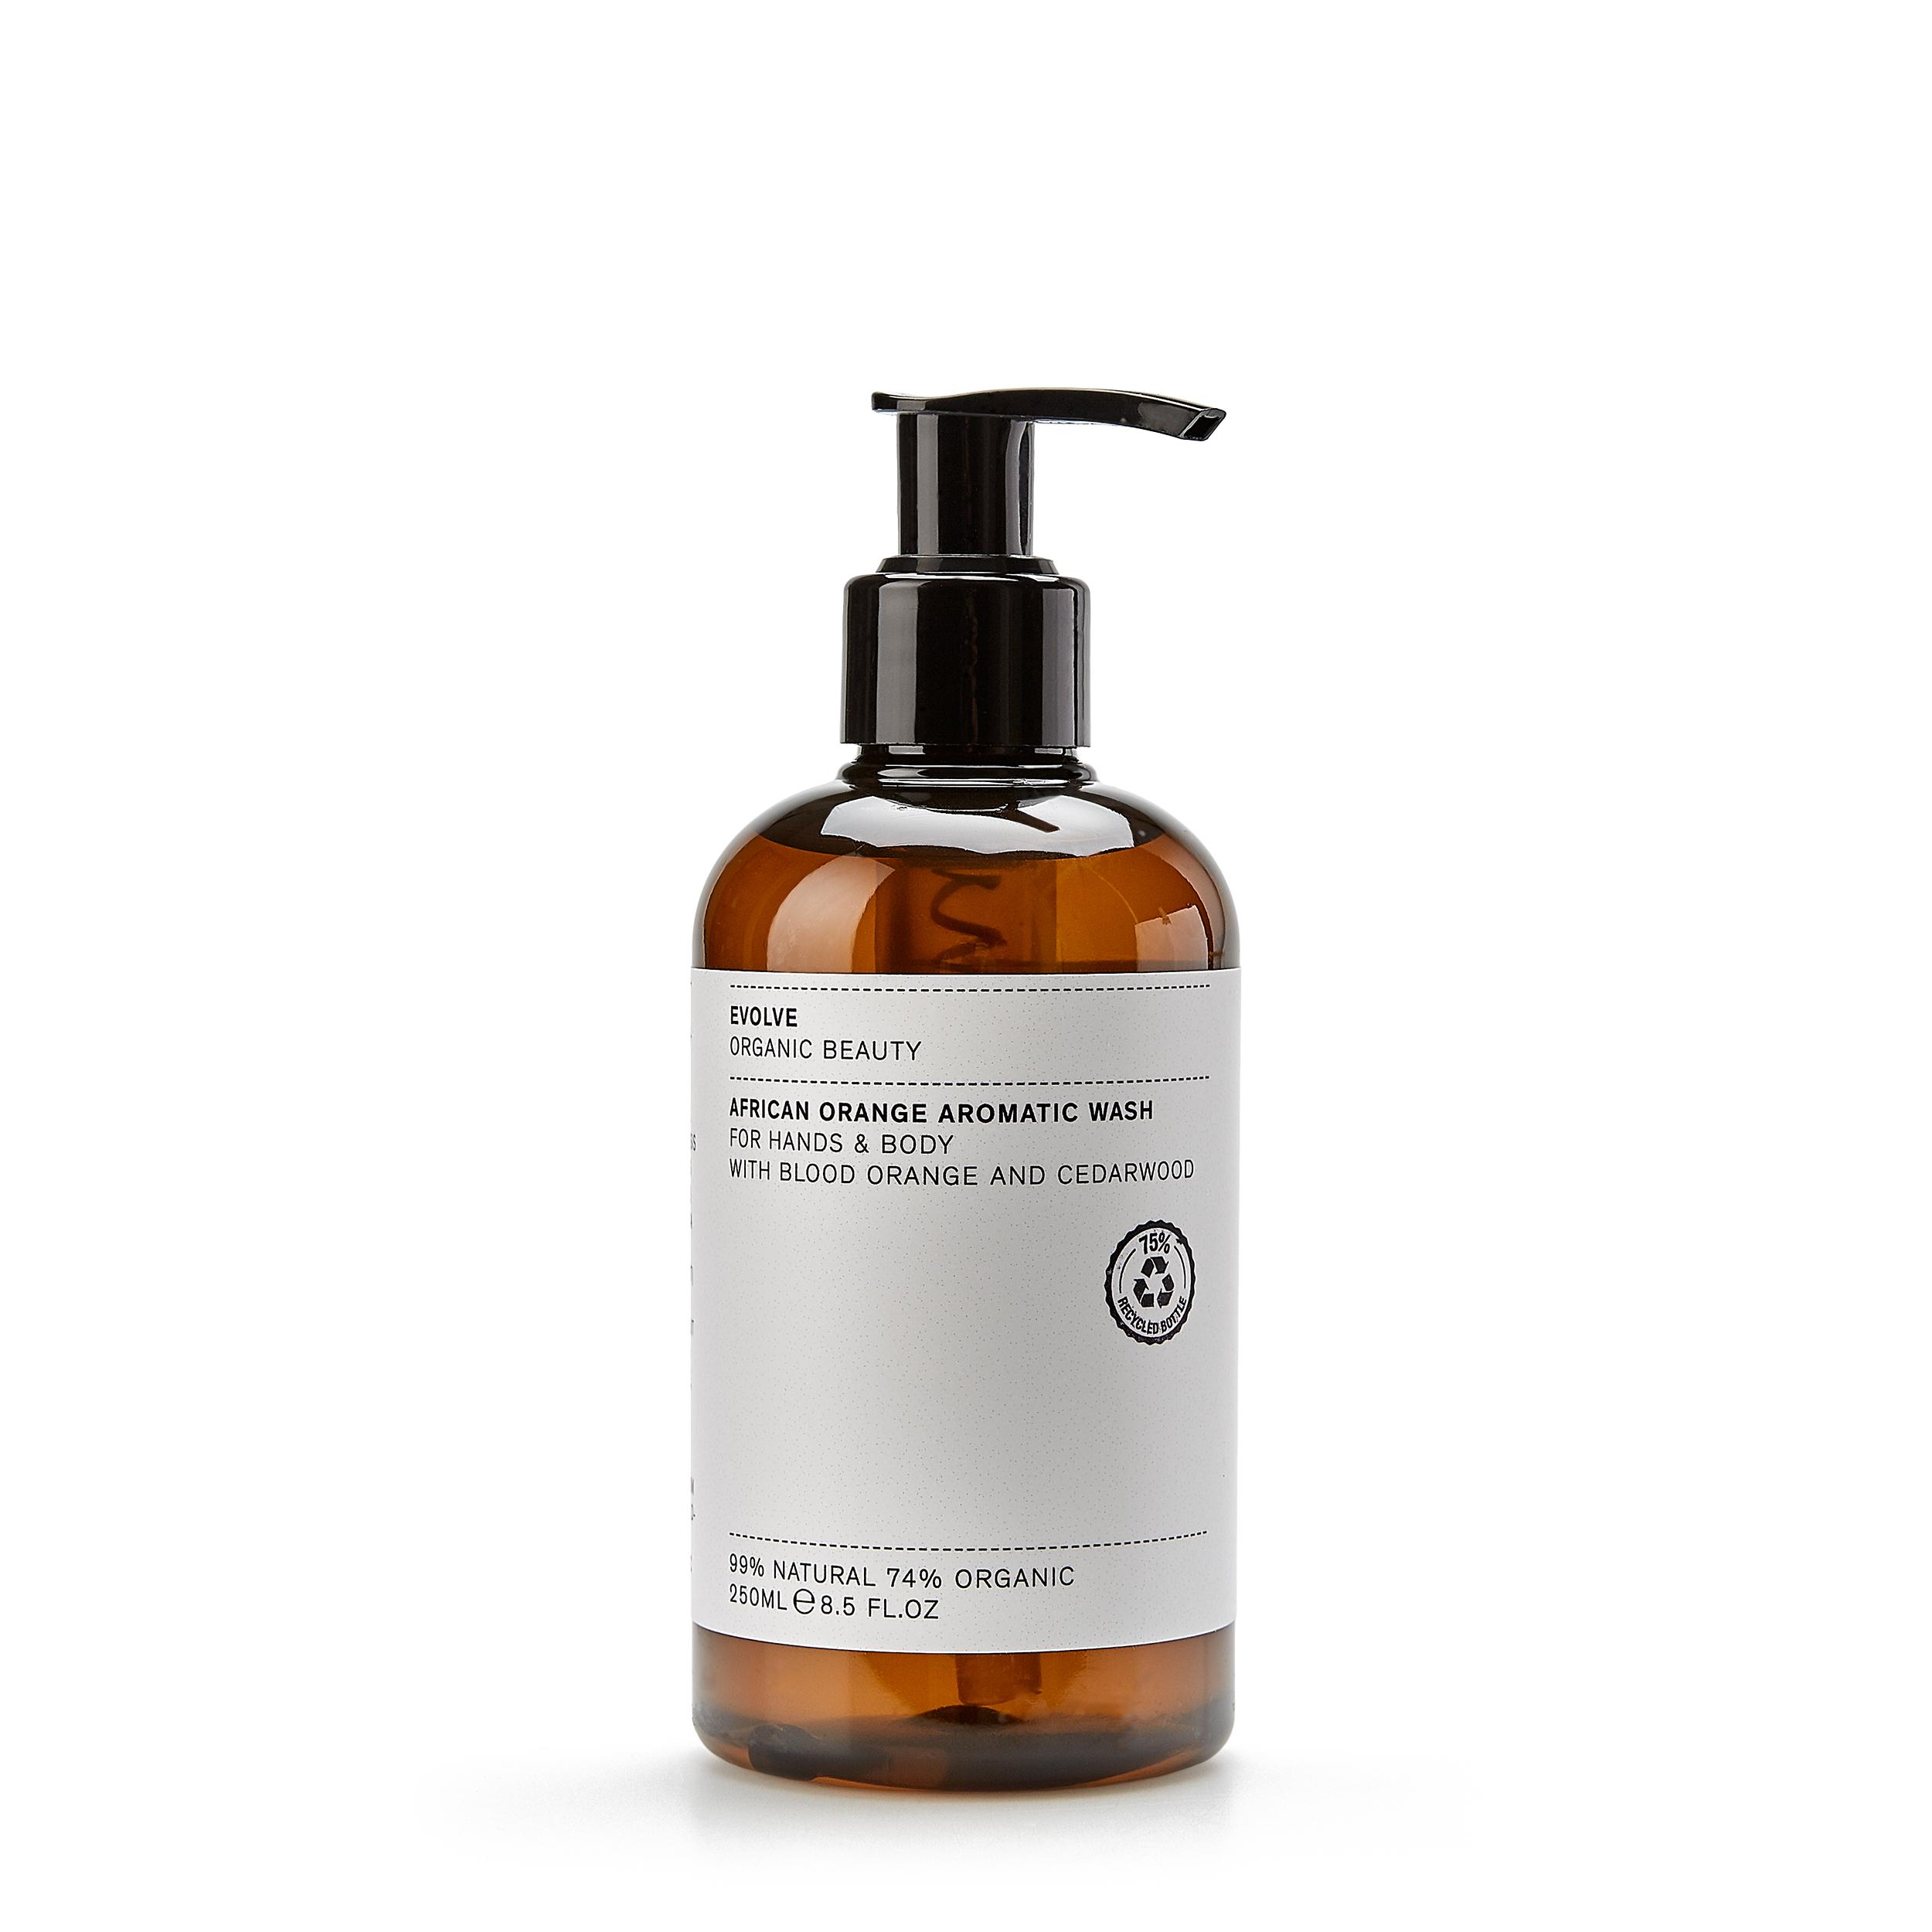 Купить Evolve Organic Beauty Очищающий гель для рук и тела «African Orange Aromatic Wash» 250 мл